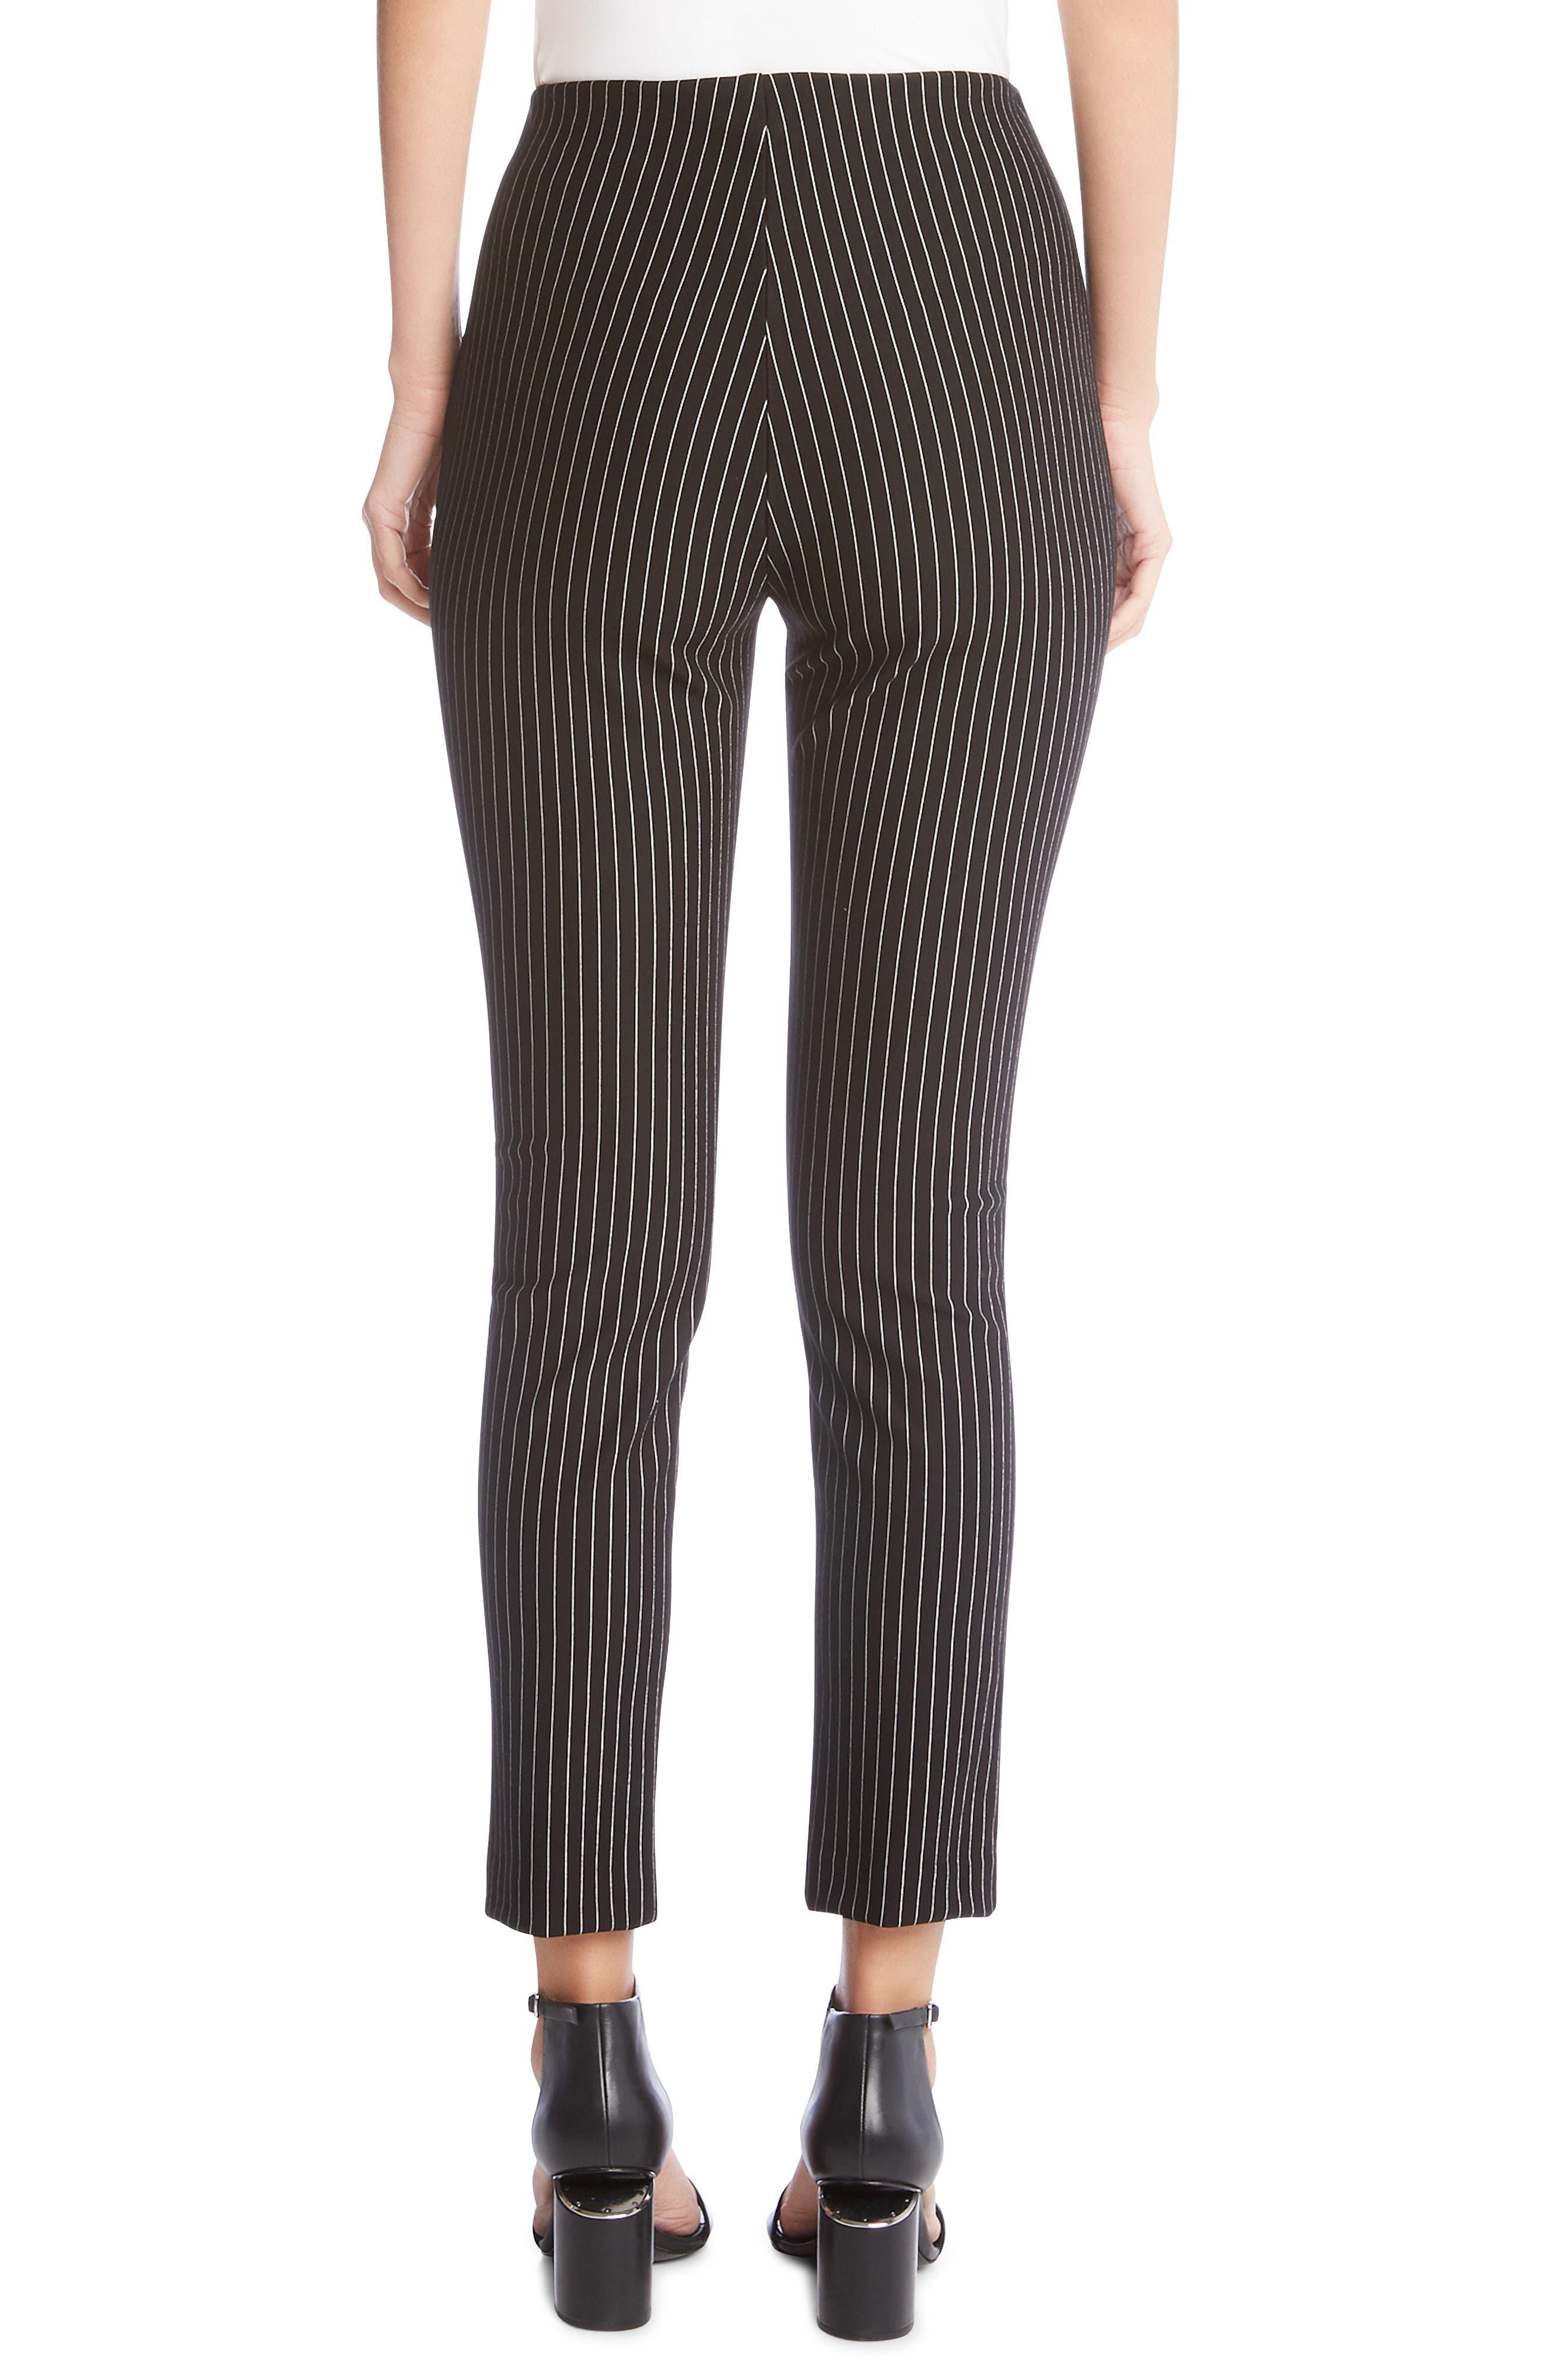 KAREN KANE, Piper Stripe Ankle Skinny Pants, Alternate thumbnail 2, color, 011